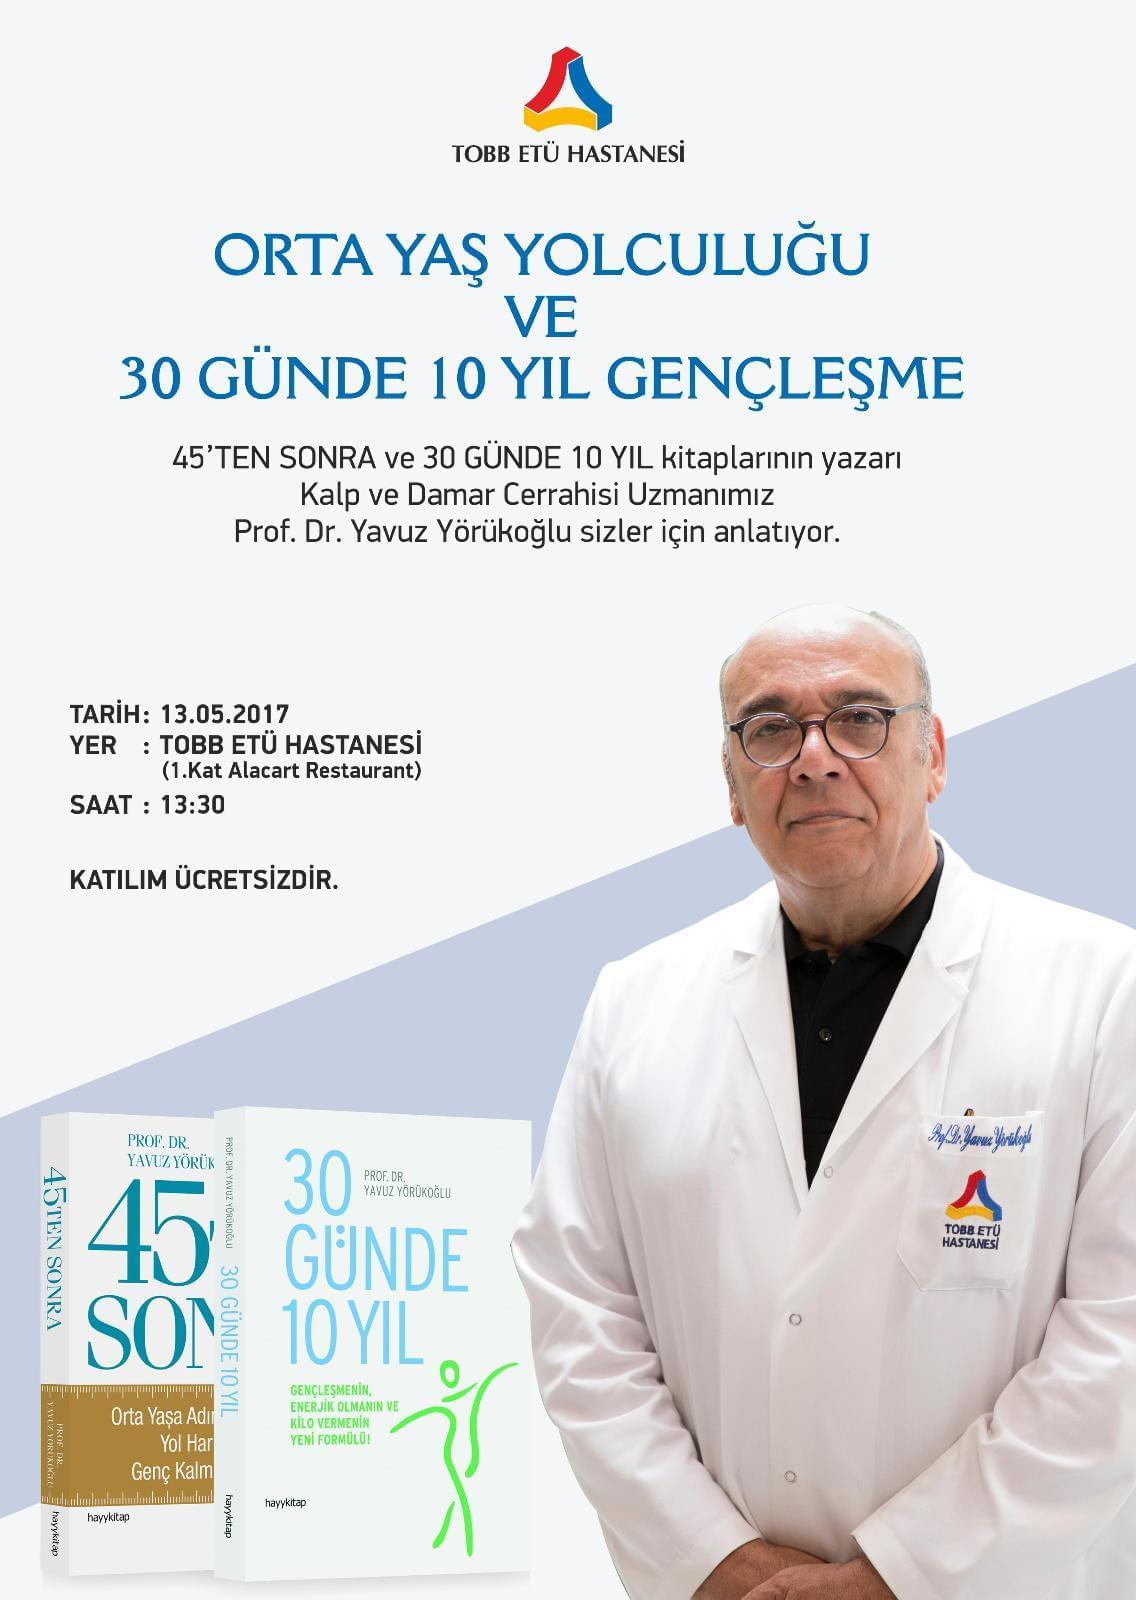 30 Gunde 10 Yil Genclesme